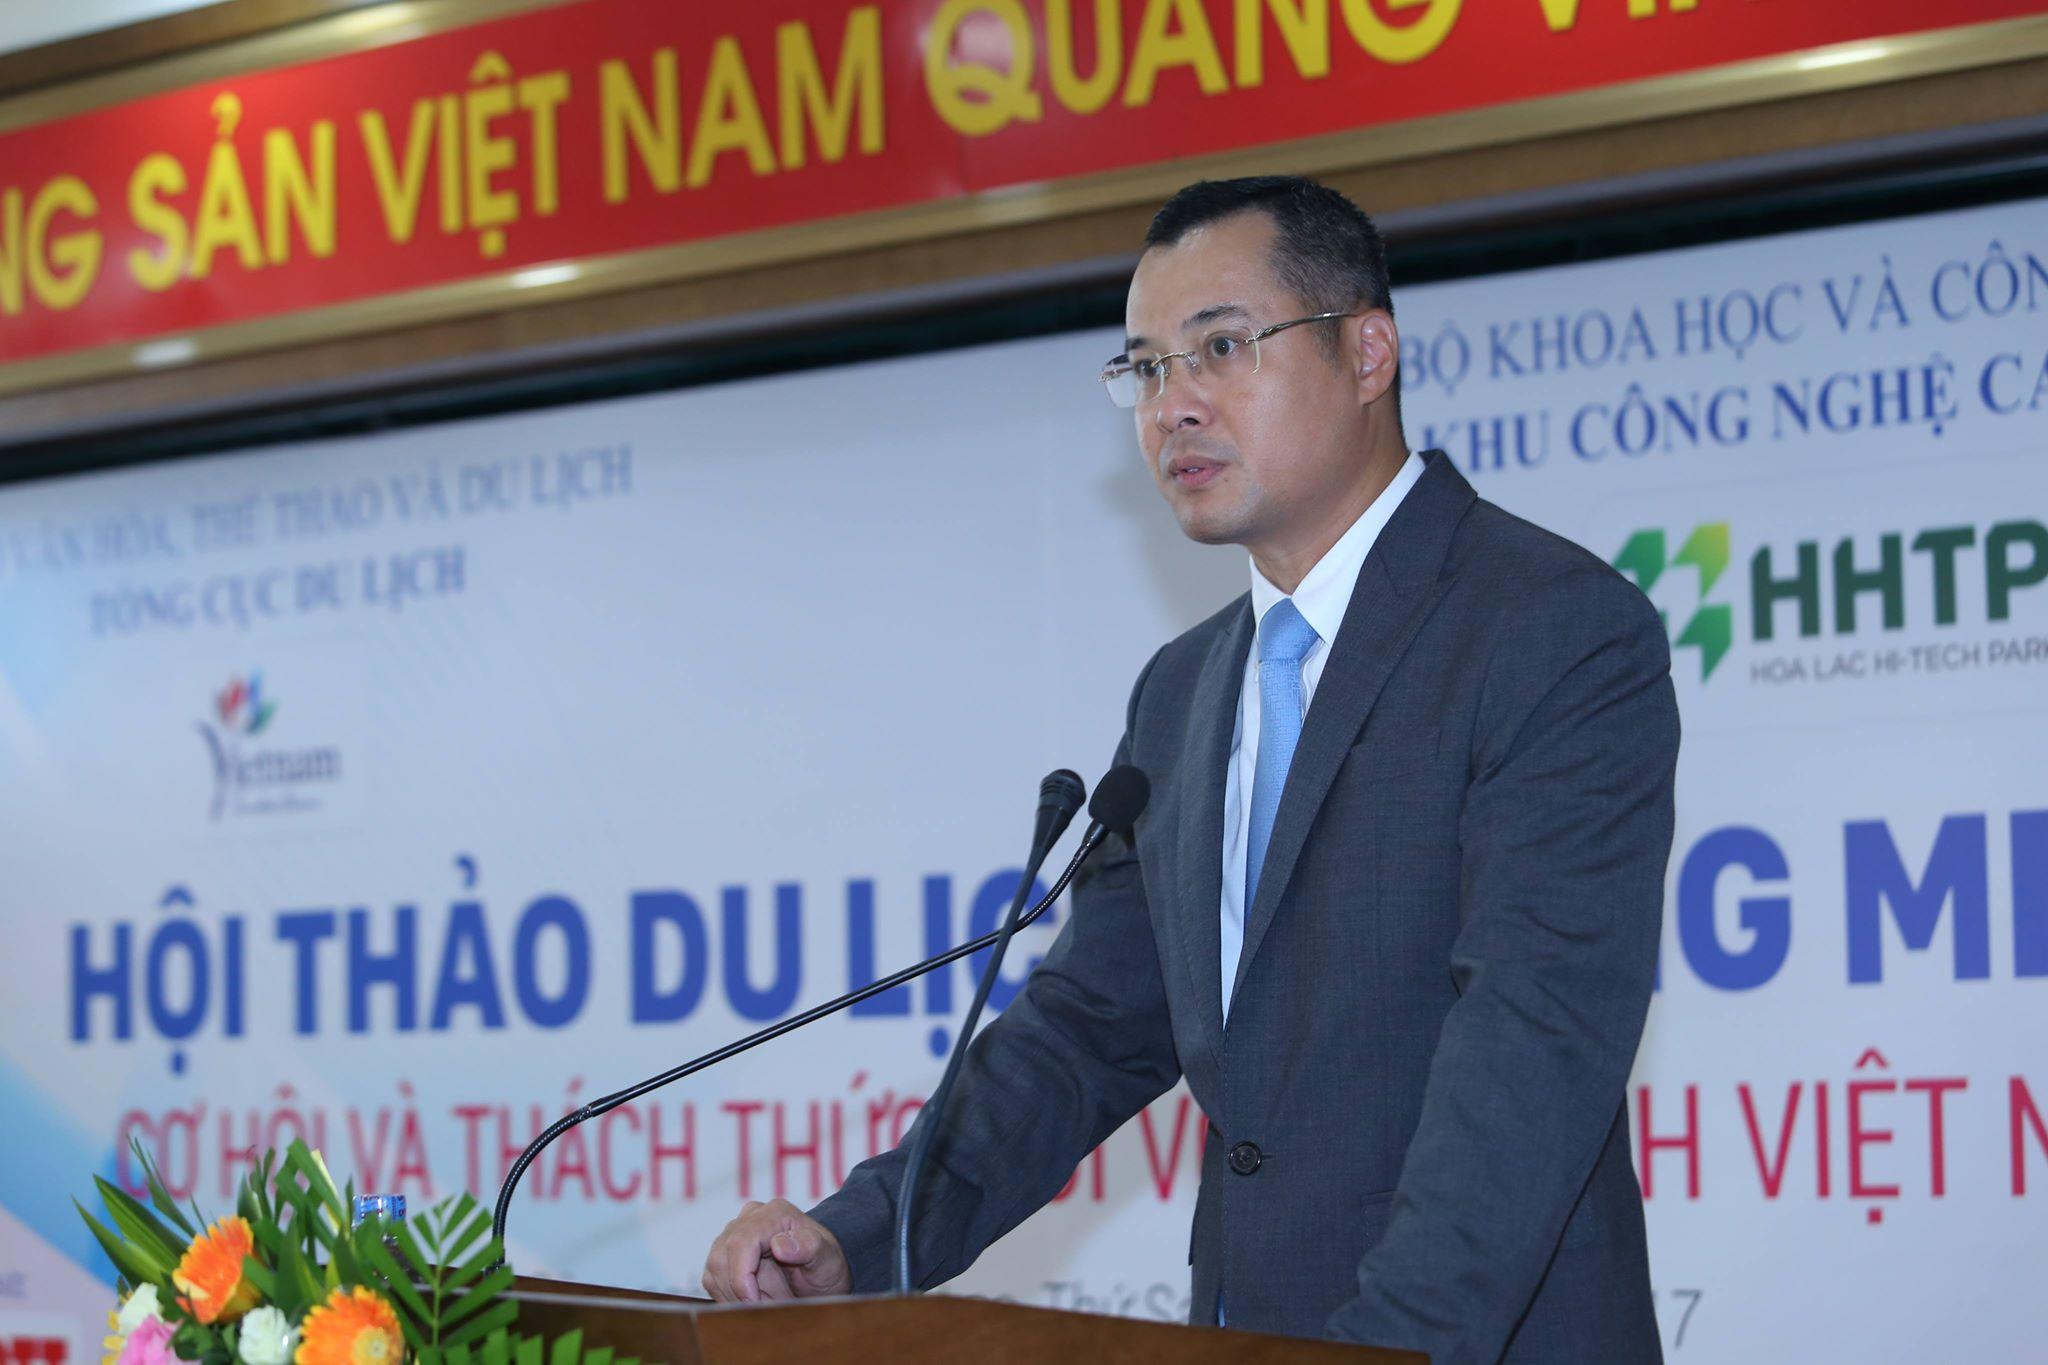 Tổng cục trưởng Tổng cục Du lịch Nguyễn Văn Tuấn phát biểu tại hội thaỏ, nhấn mạnh coi ứng dụng CNTT là giải pháp đột phá để nâng cao năng lự cạnh tranh của du lịch Việt Nam. Ảnh: Loan Lê